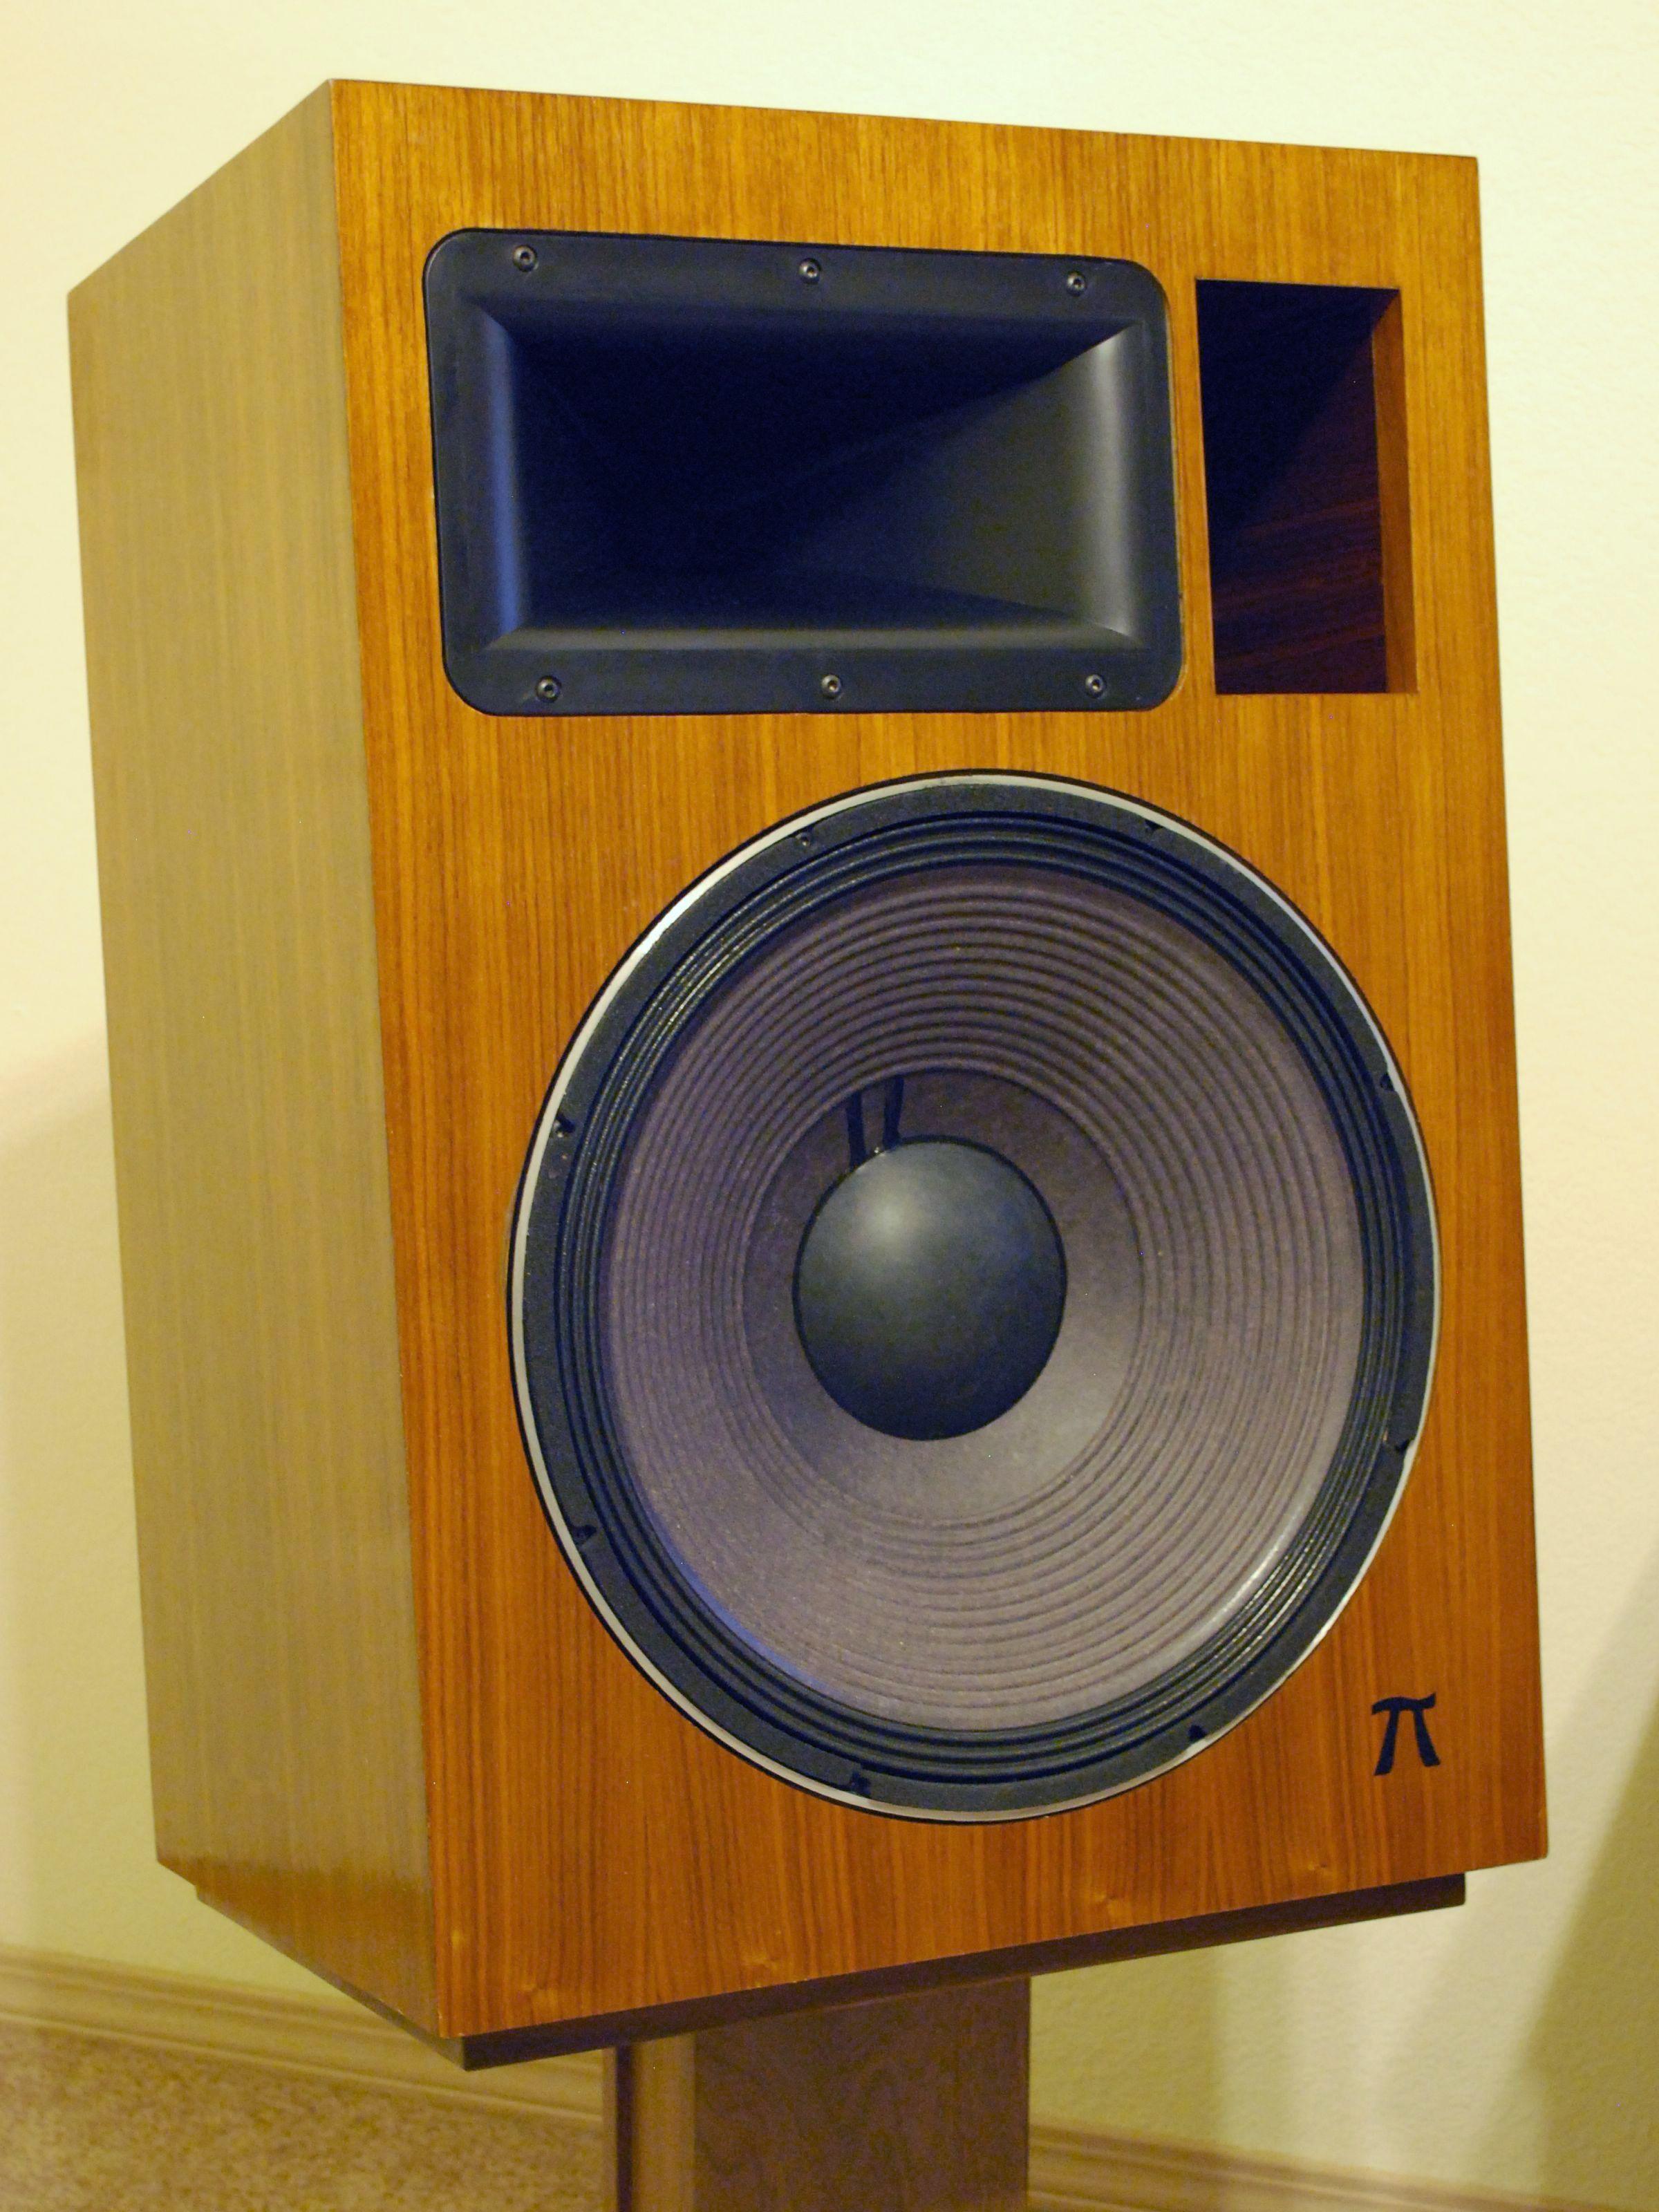 http://www.pispeakers.com/fourPi_loudspeaker.jpg